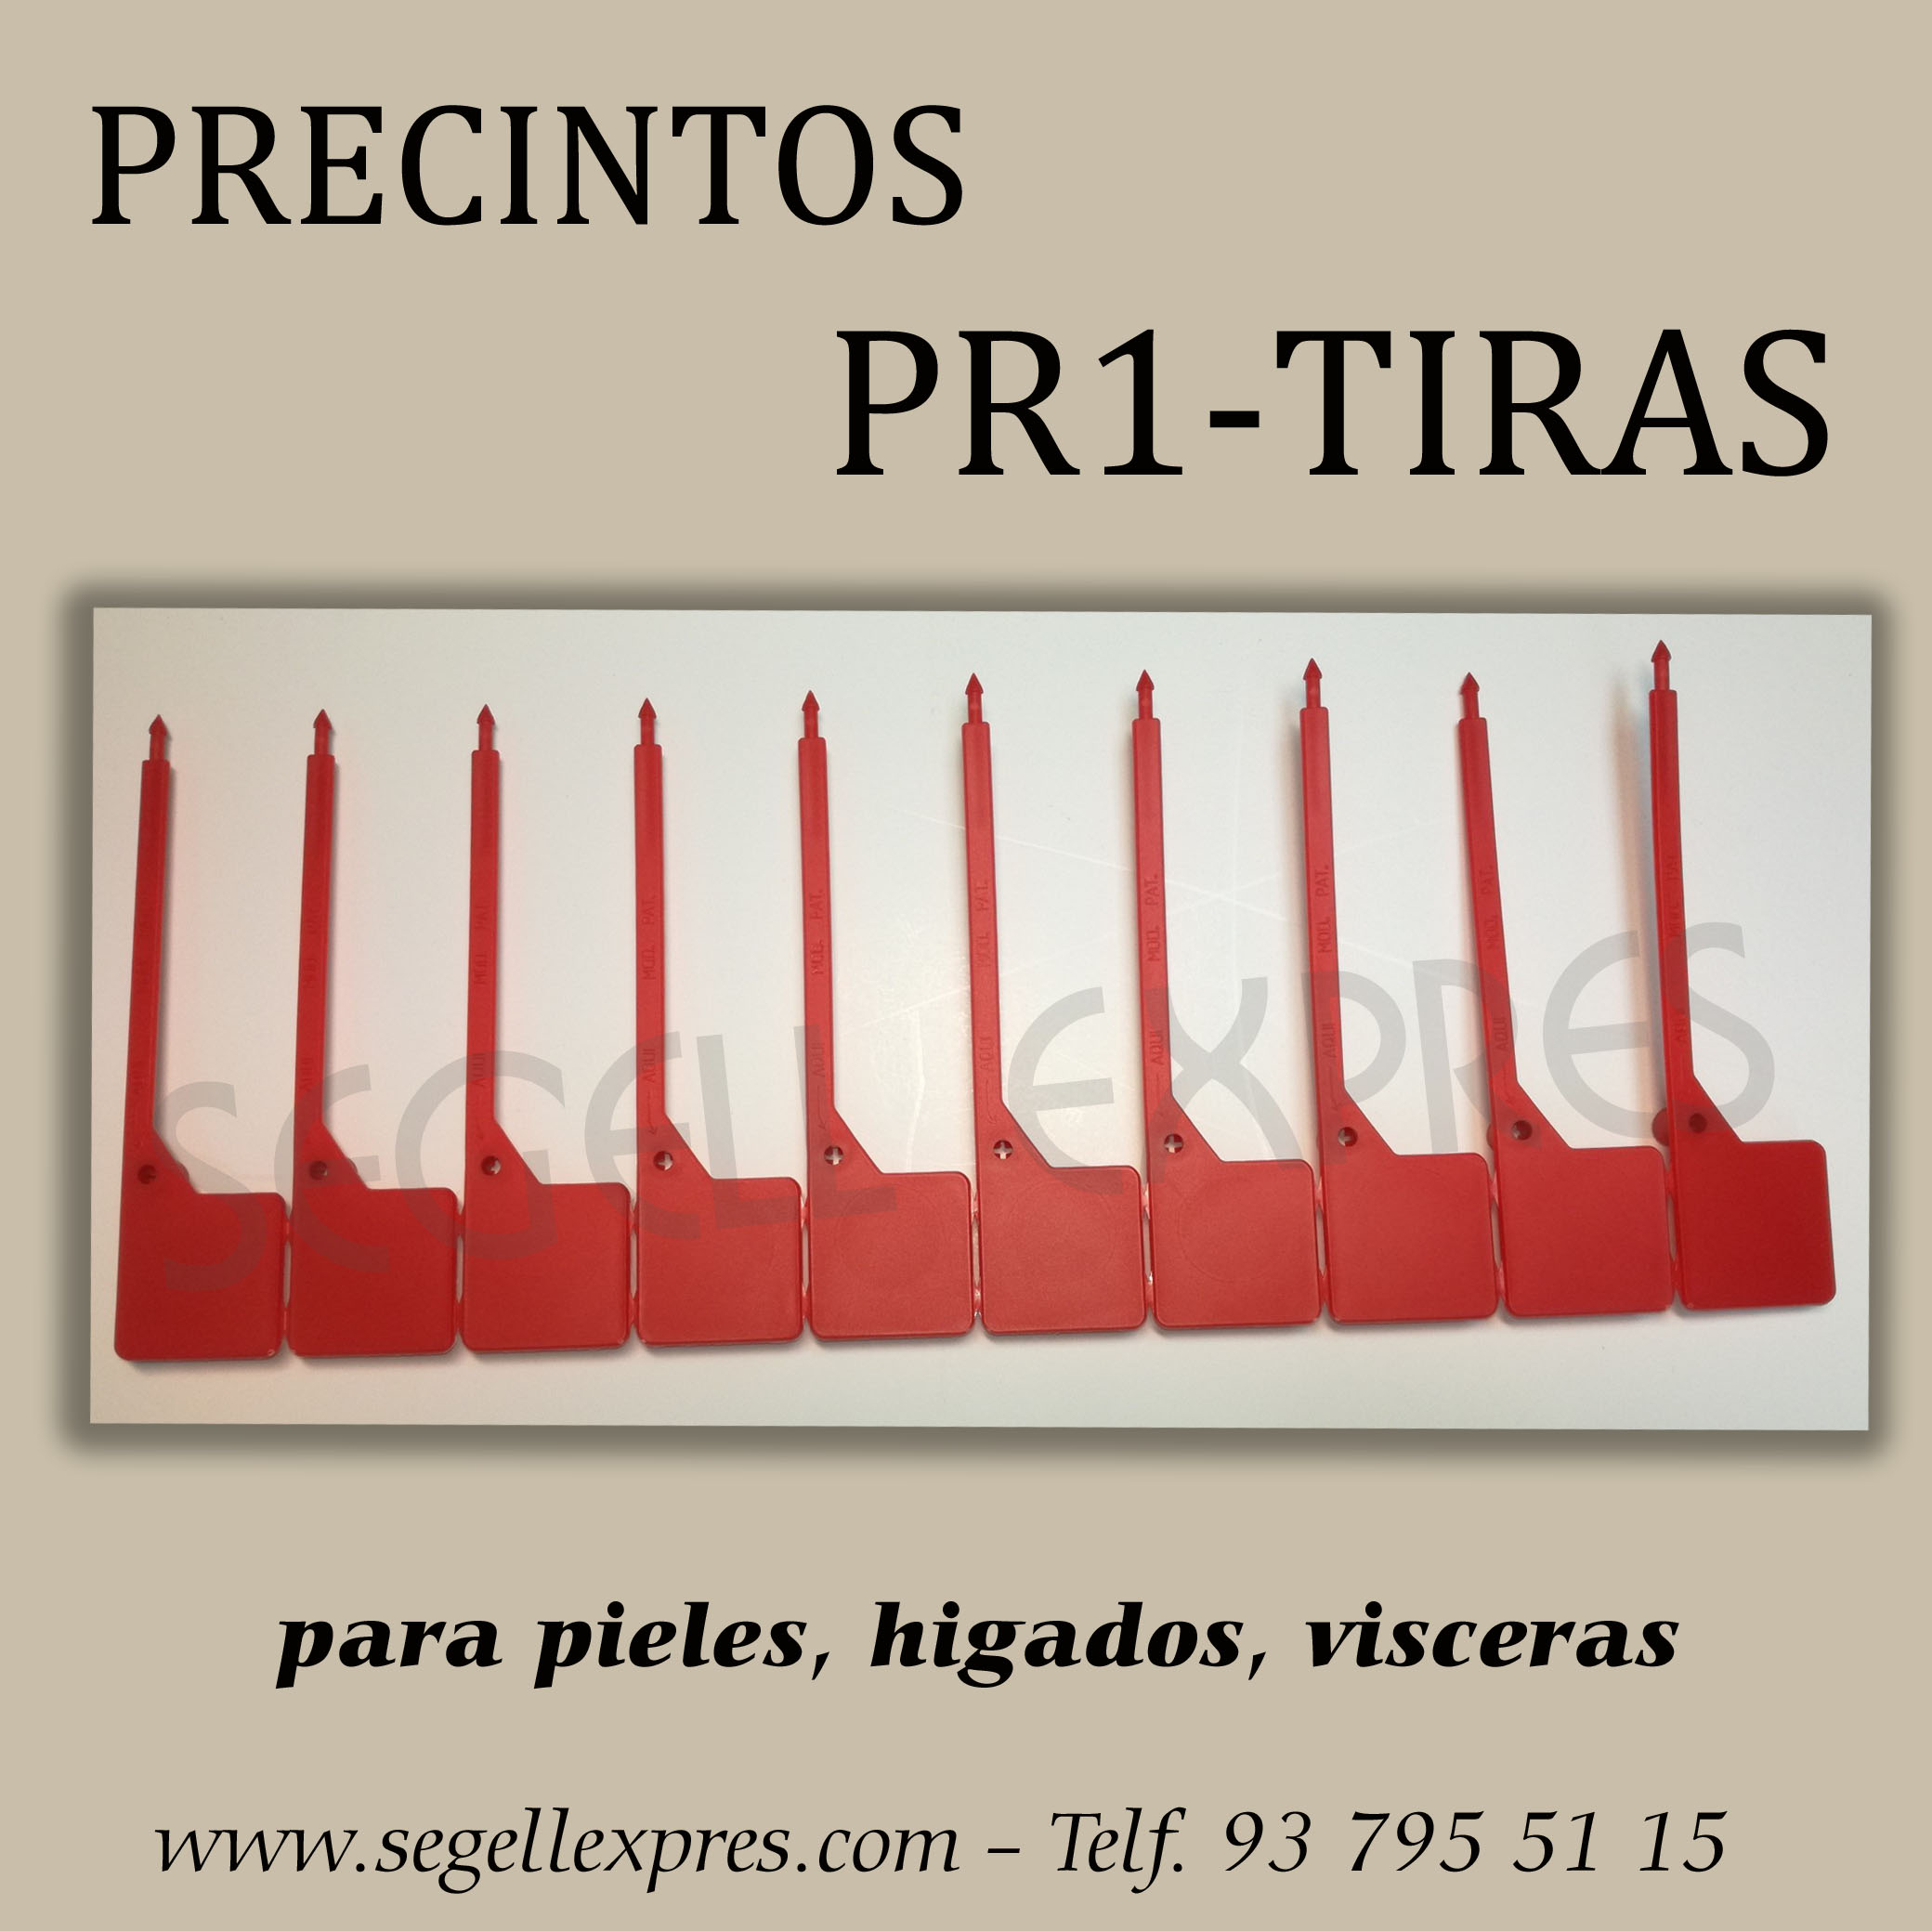 PRECINTO PR1-TIRAS